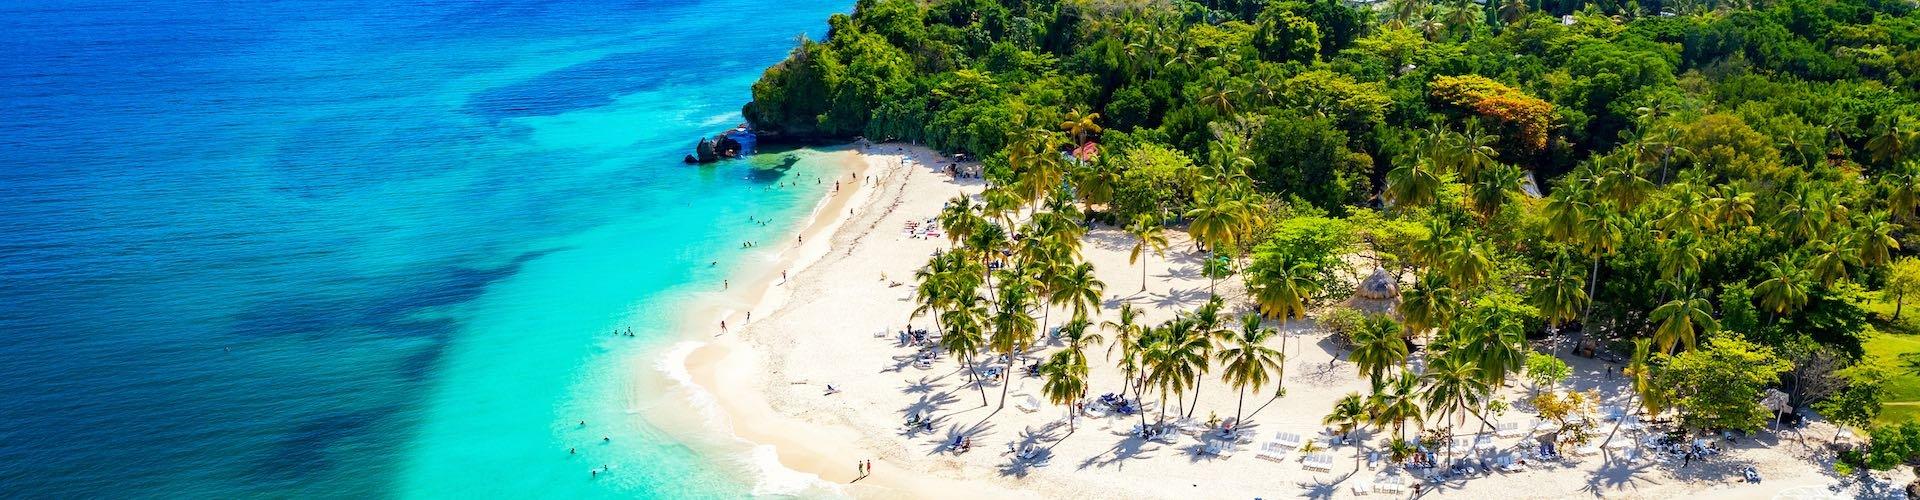 Familienurlaub auf den Karibischen Inseln